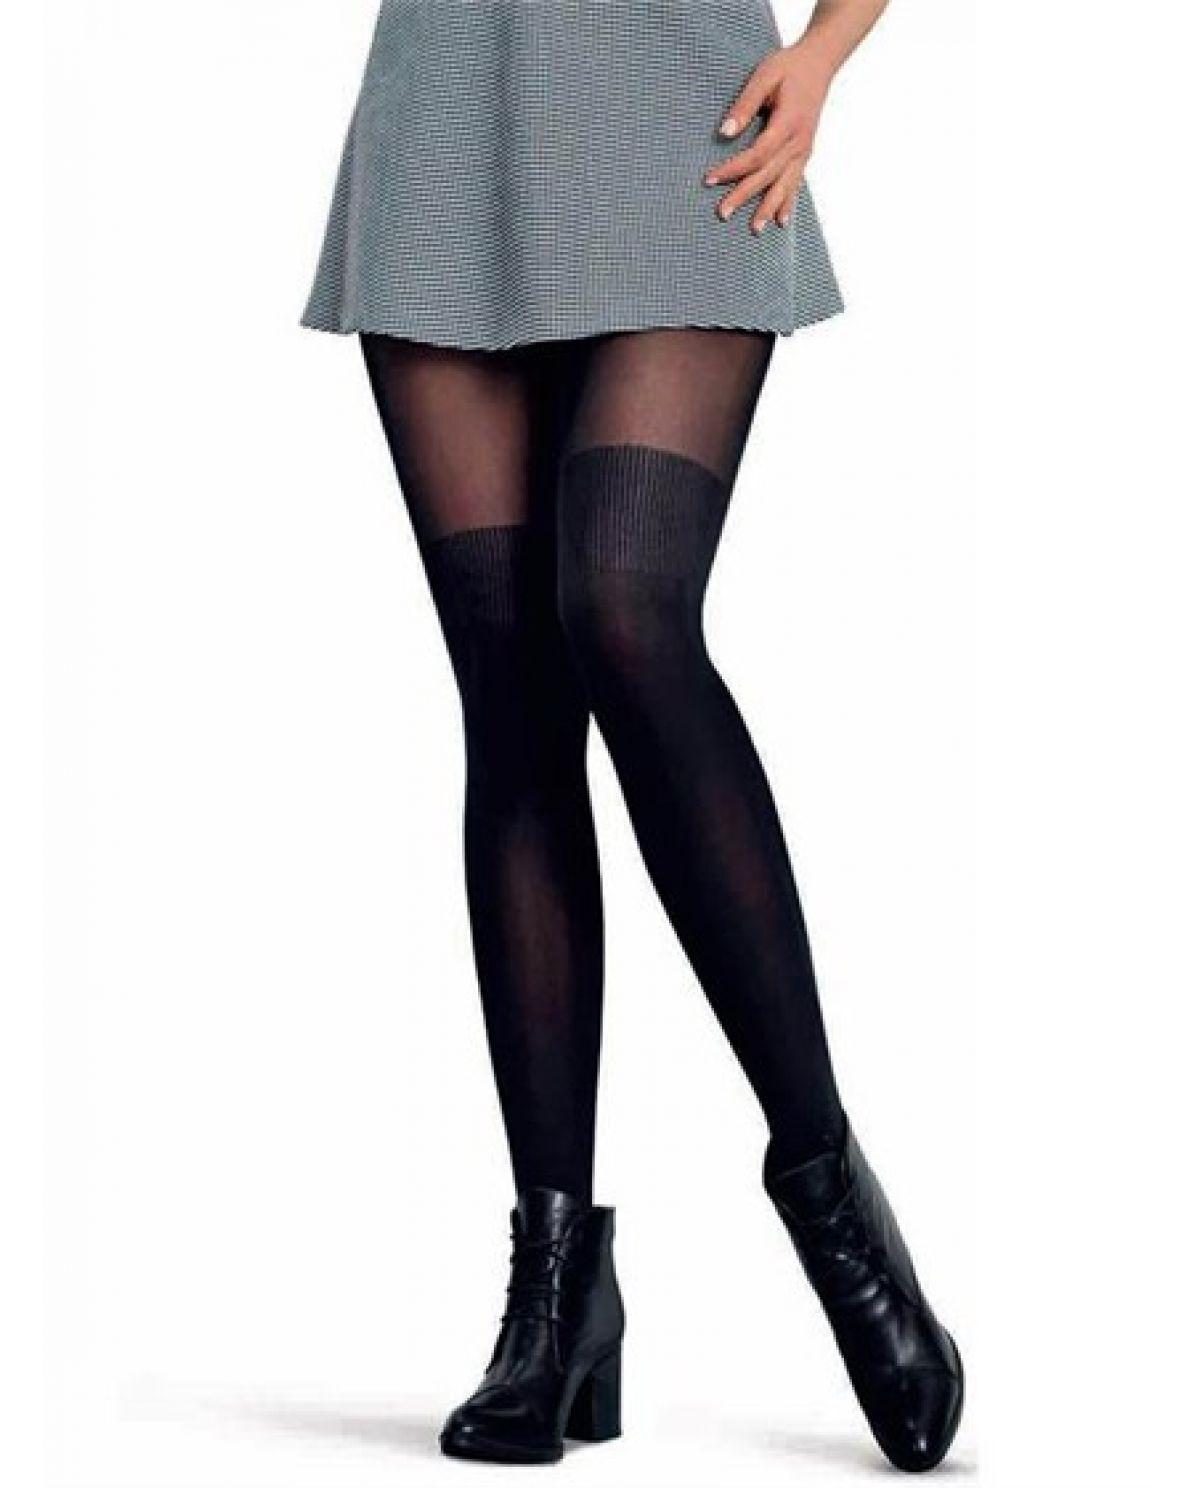 Damen Strumpfhose mit Overknee Effekt, Schick und sportlich (Over Knee)